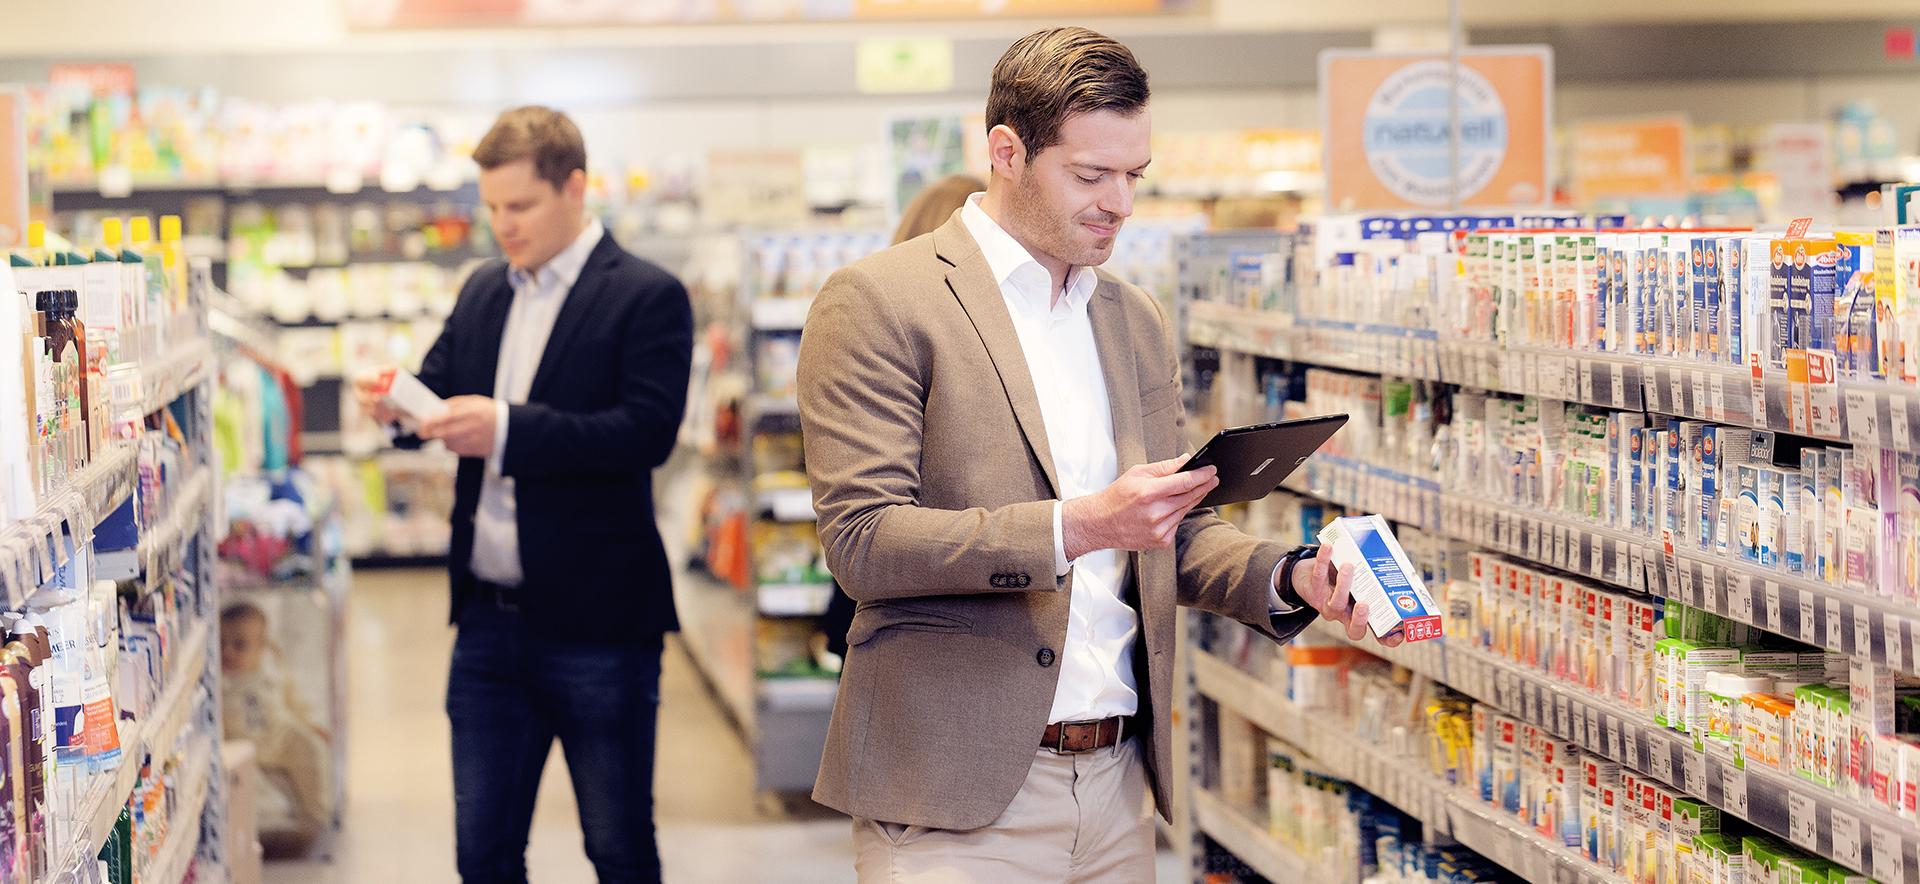 Beim Mystery Shopping testen verdeckte Käufer die Qualität von Service, Verkauf und Kundenkontakt am Point of Sale.